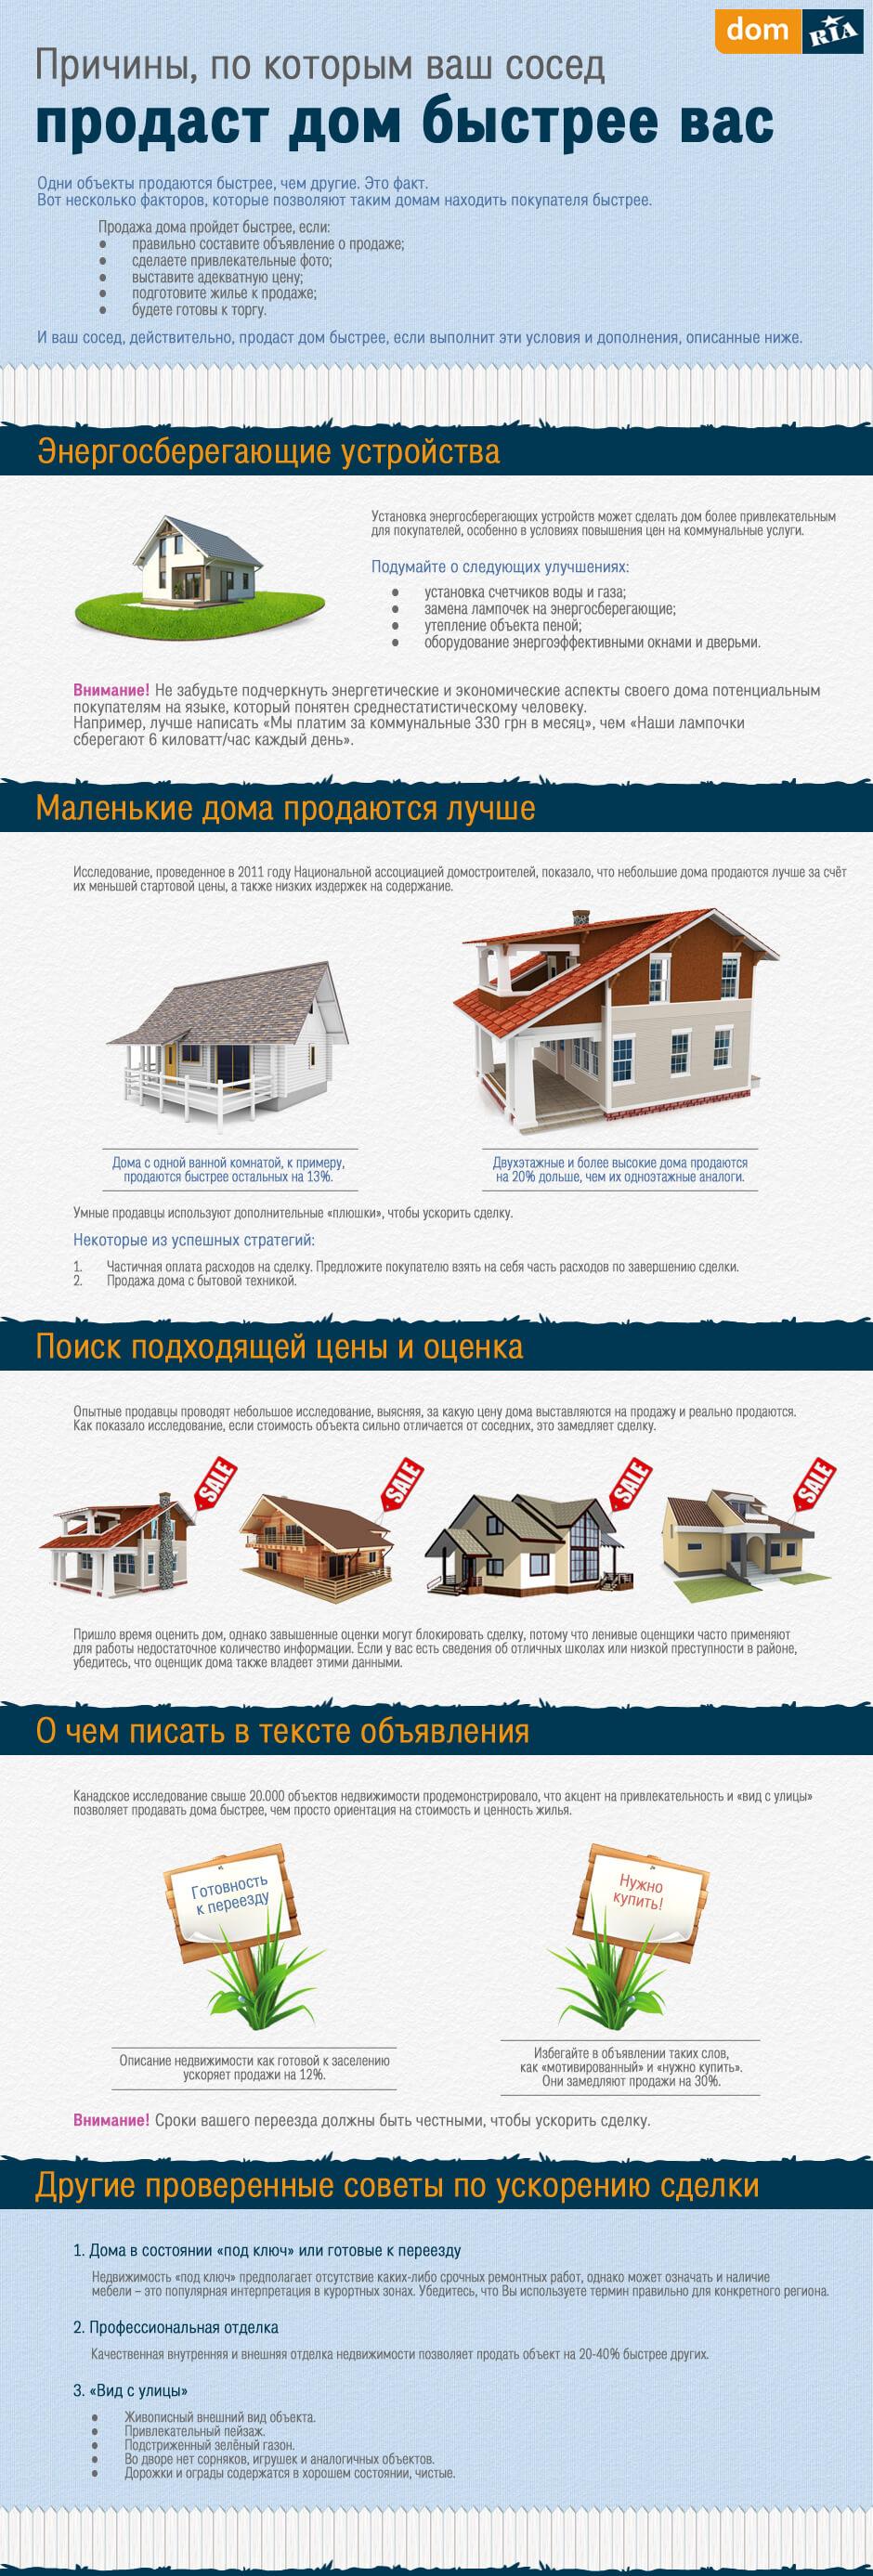 Инфографика: Что влияет на скорость продажи жилья?